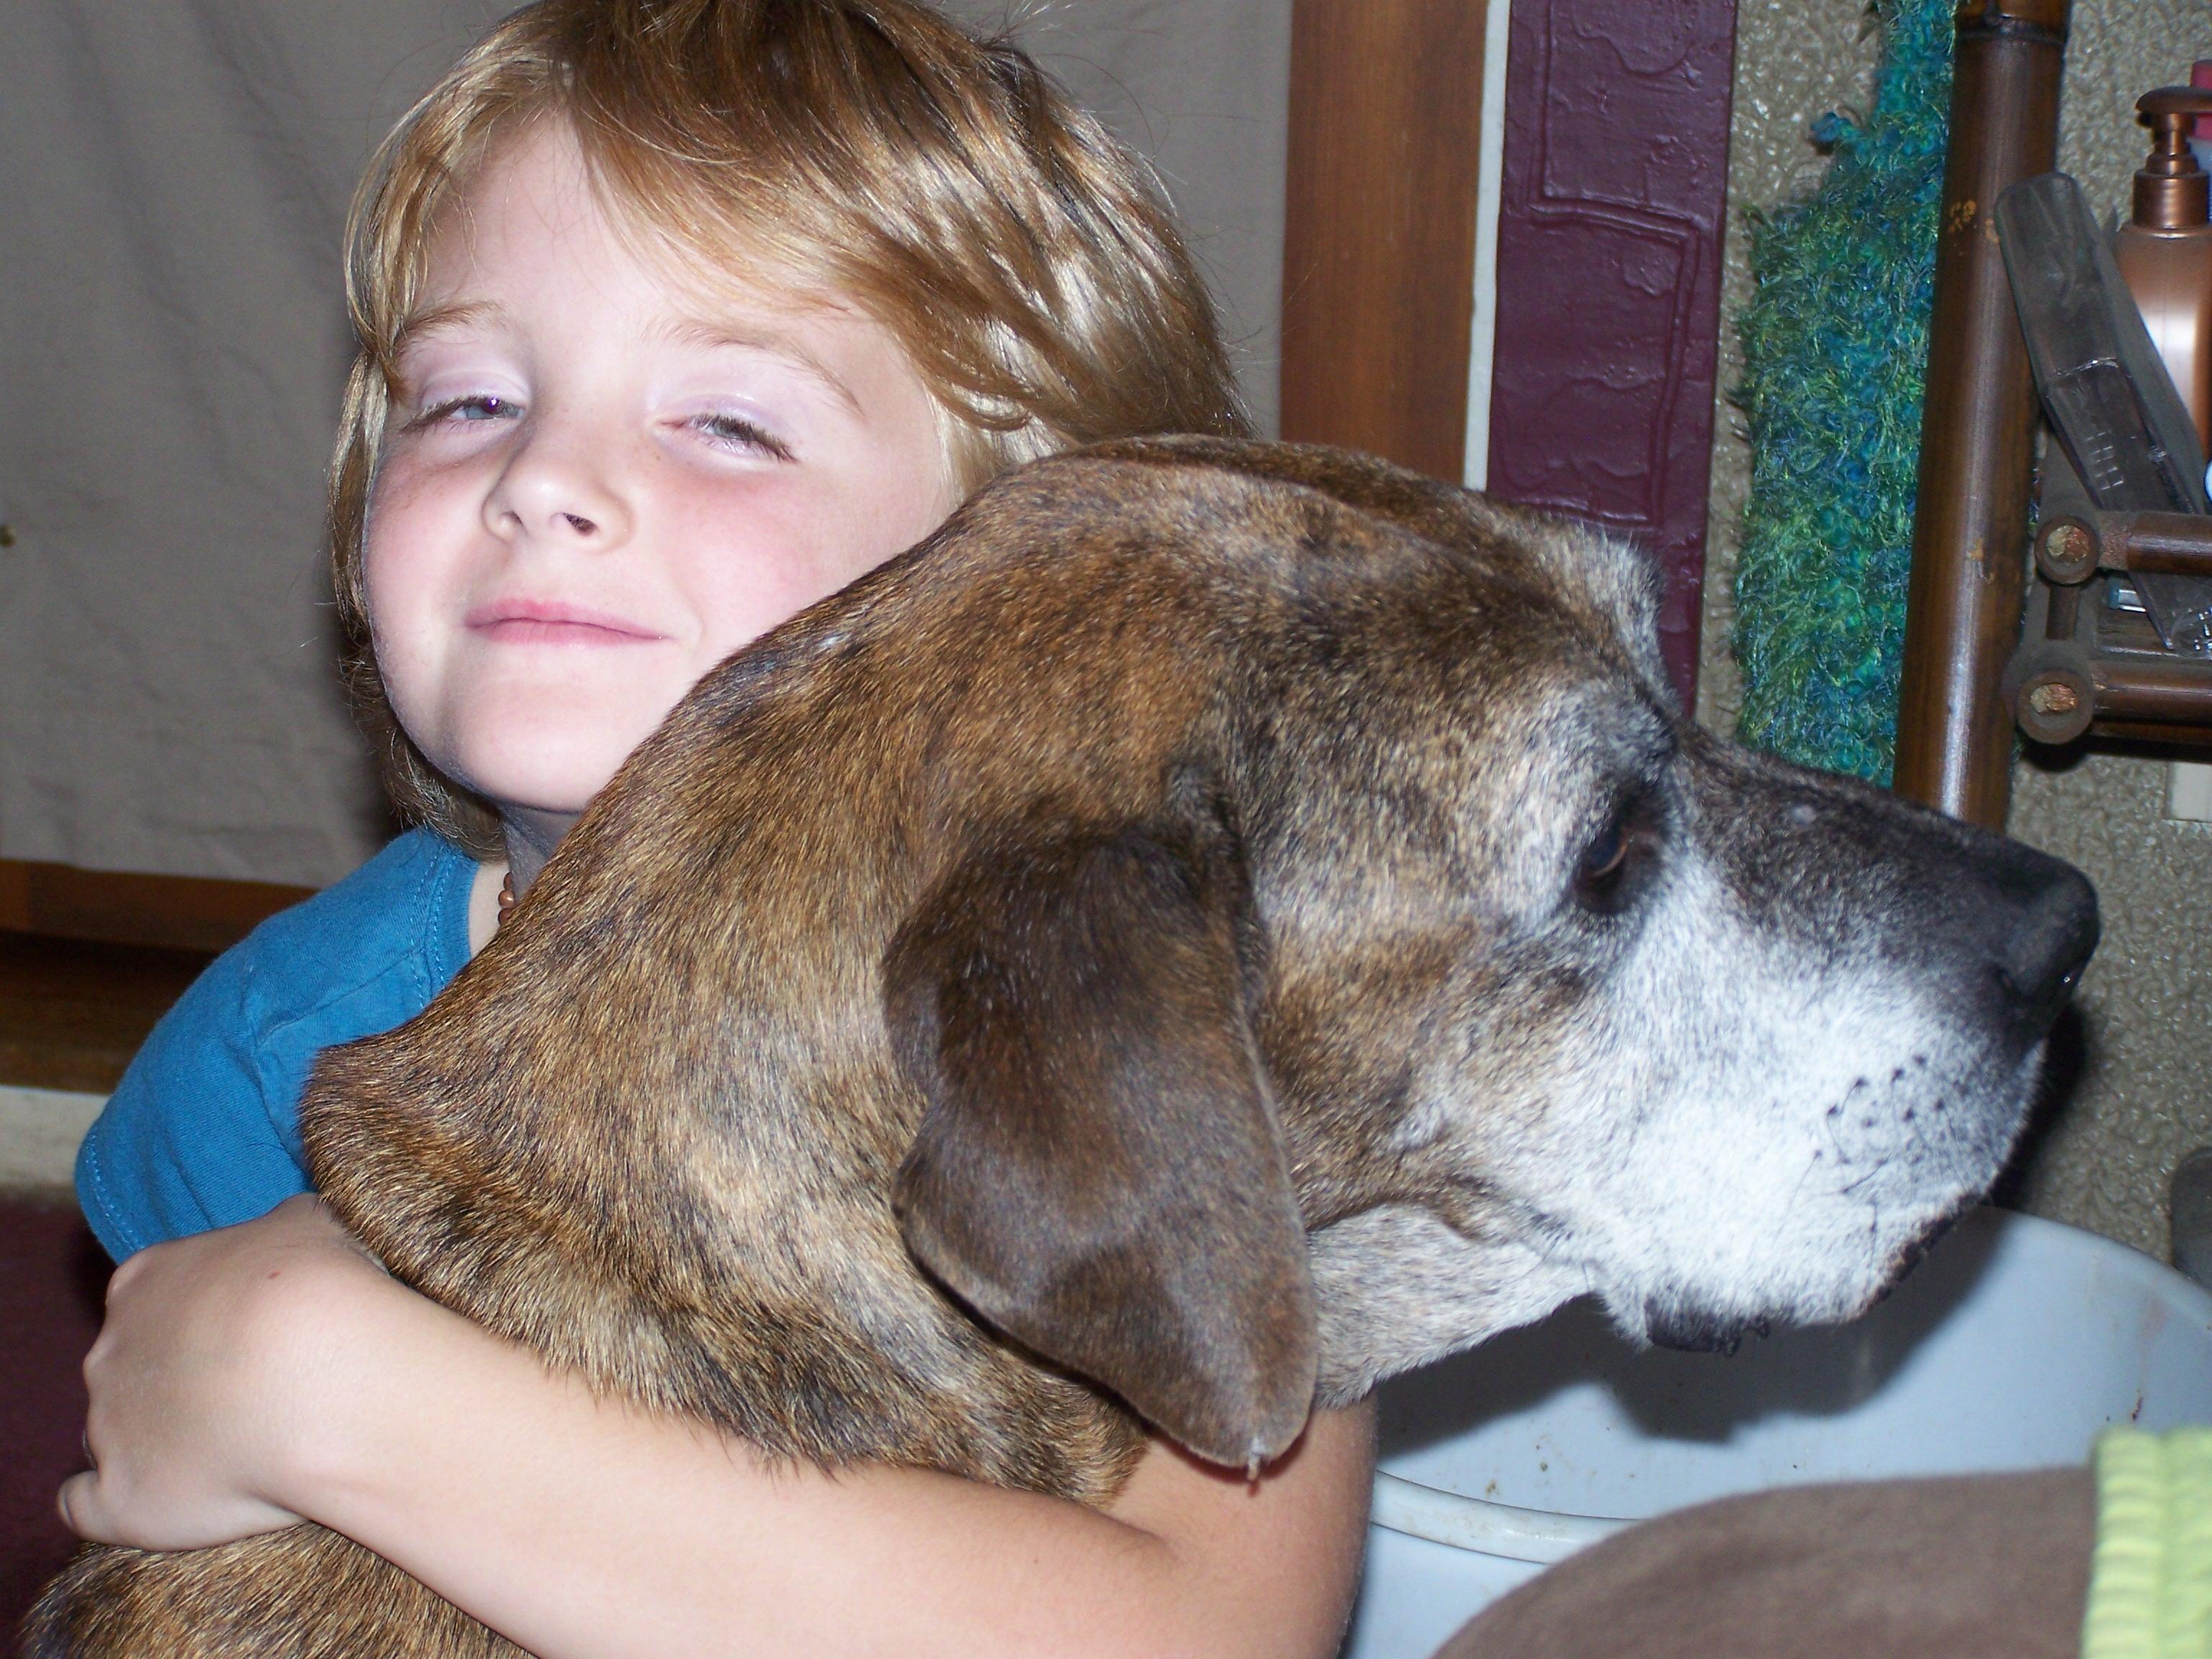 Brindle gets a huge hug from little Tristan